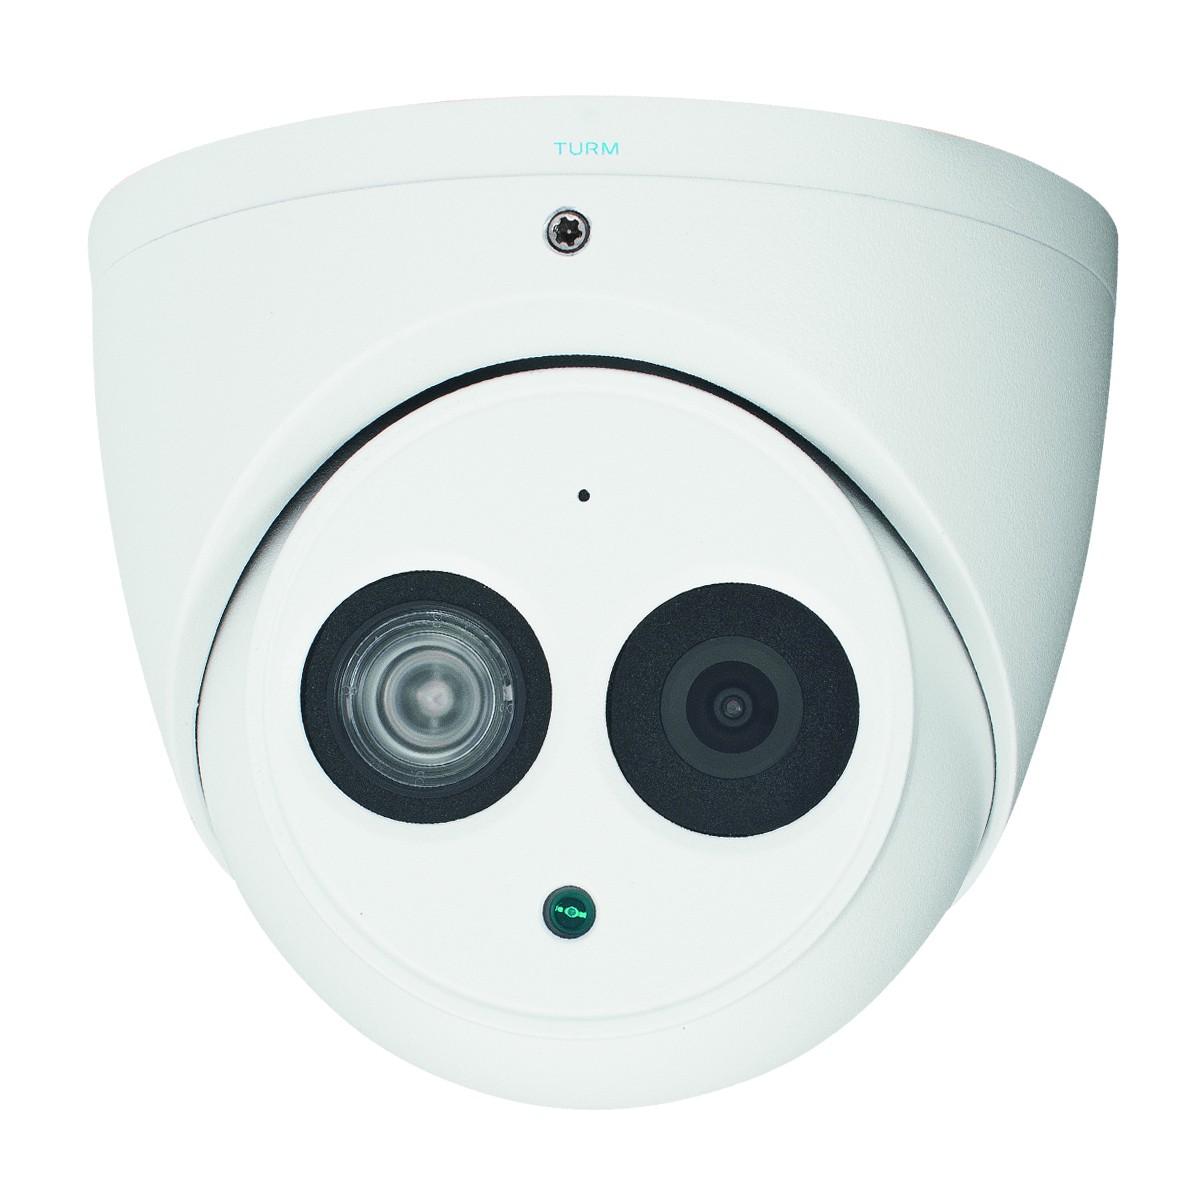 4MP IP Dome Kamera, 50m Nachtsicht, 2,8mm Weitwinkel Objektiv, IP67, IK10 Schutzklasse